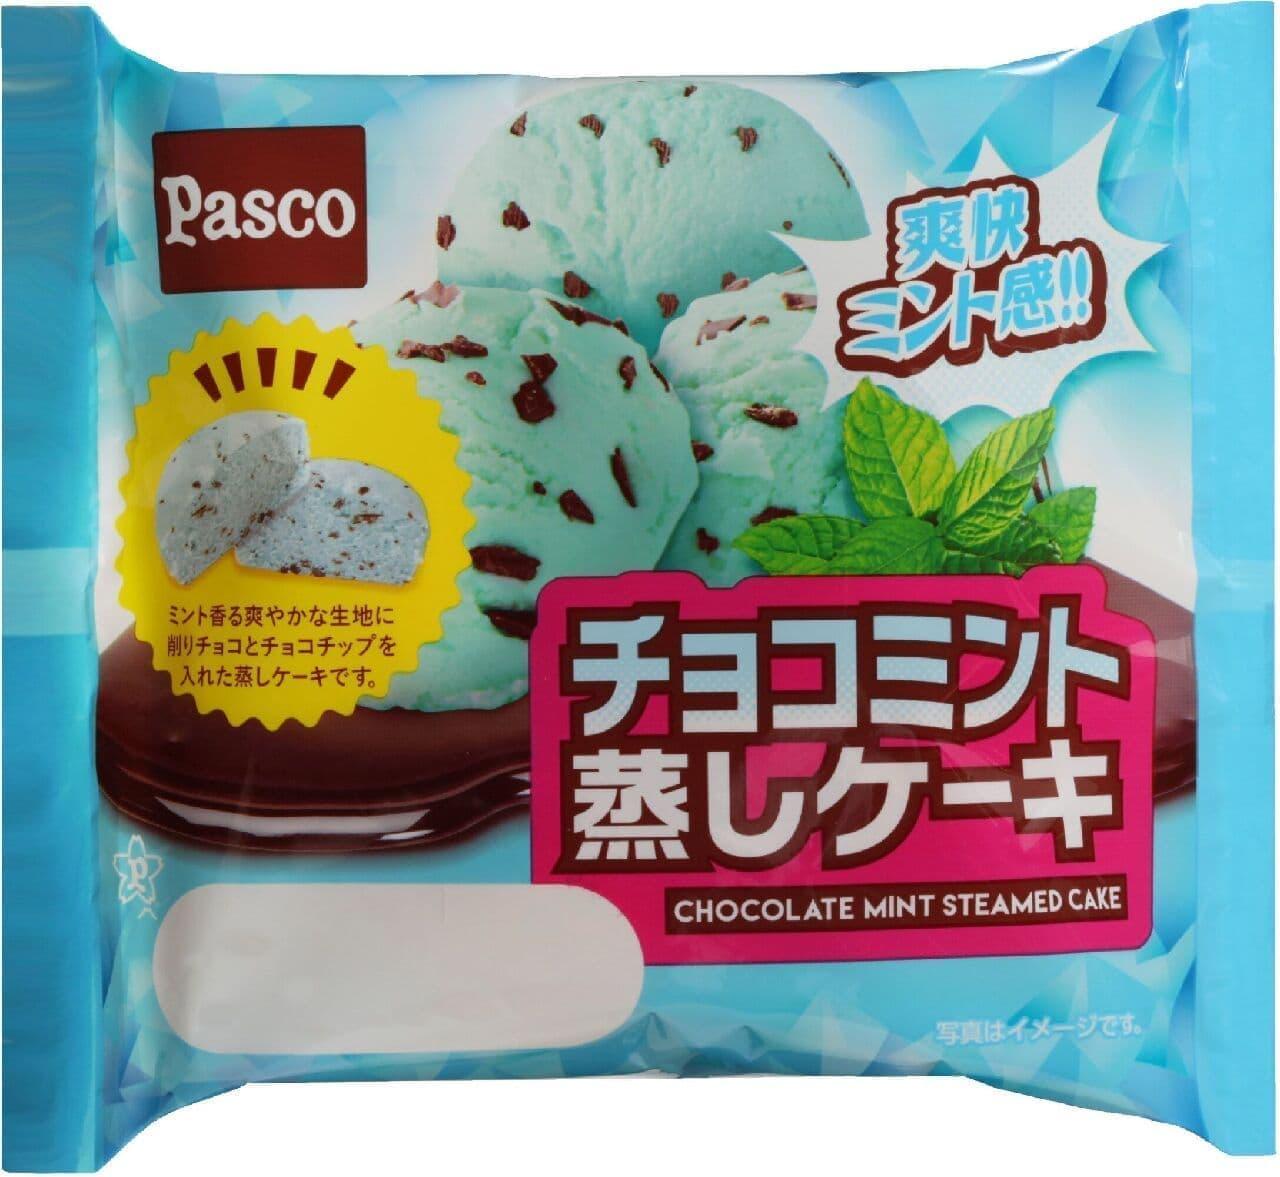 パスコ「チョコミント蒸しケーキ」